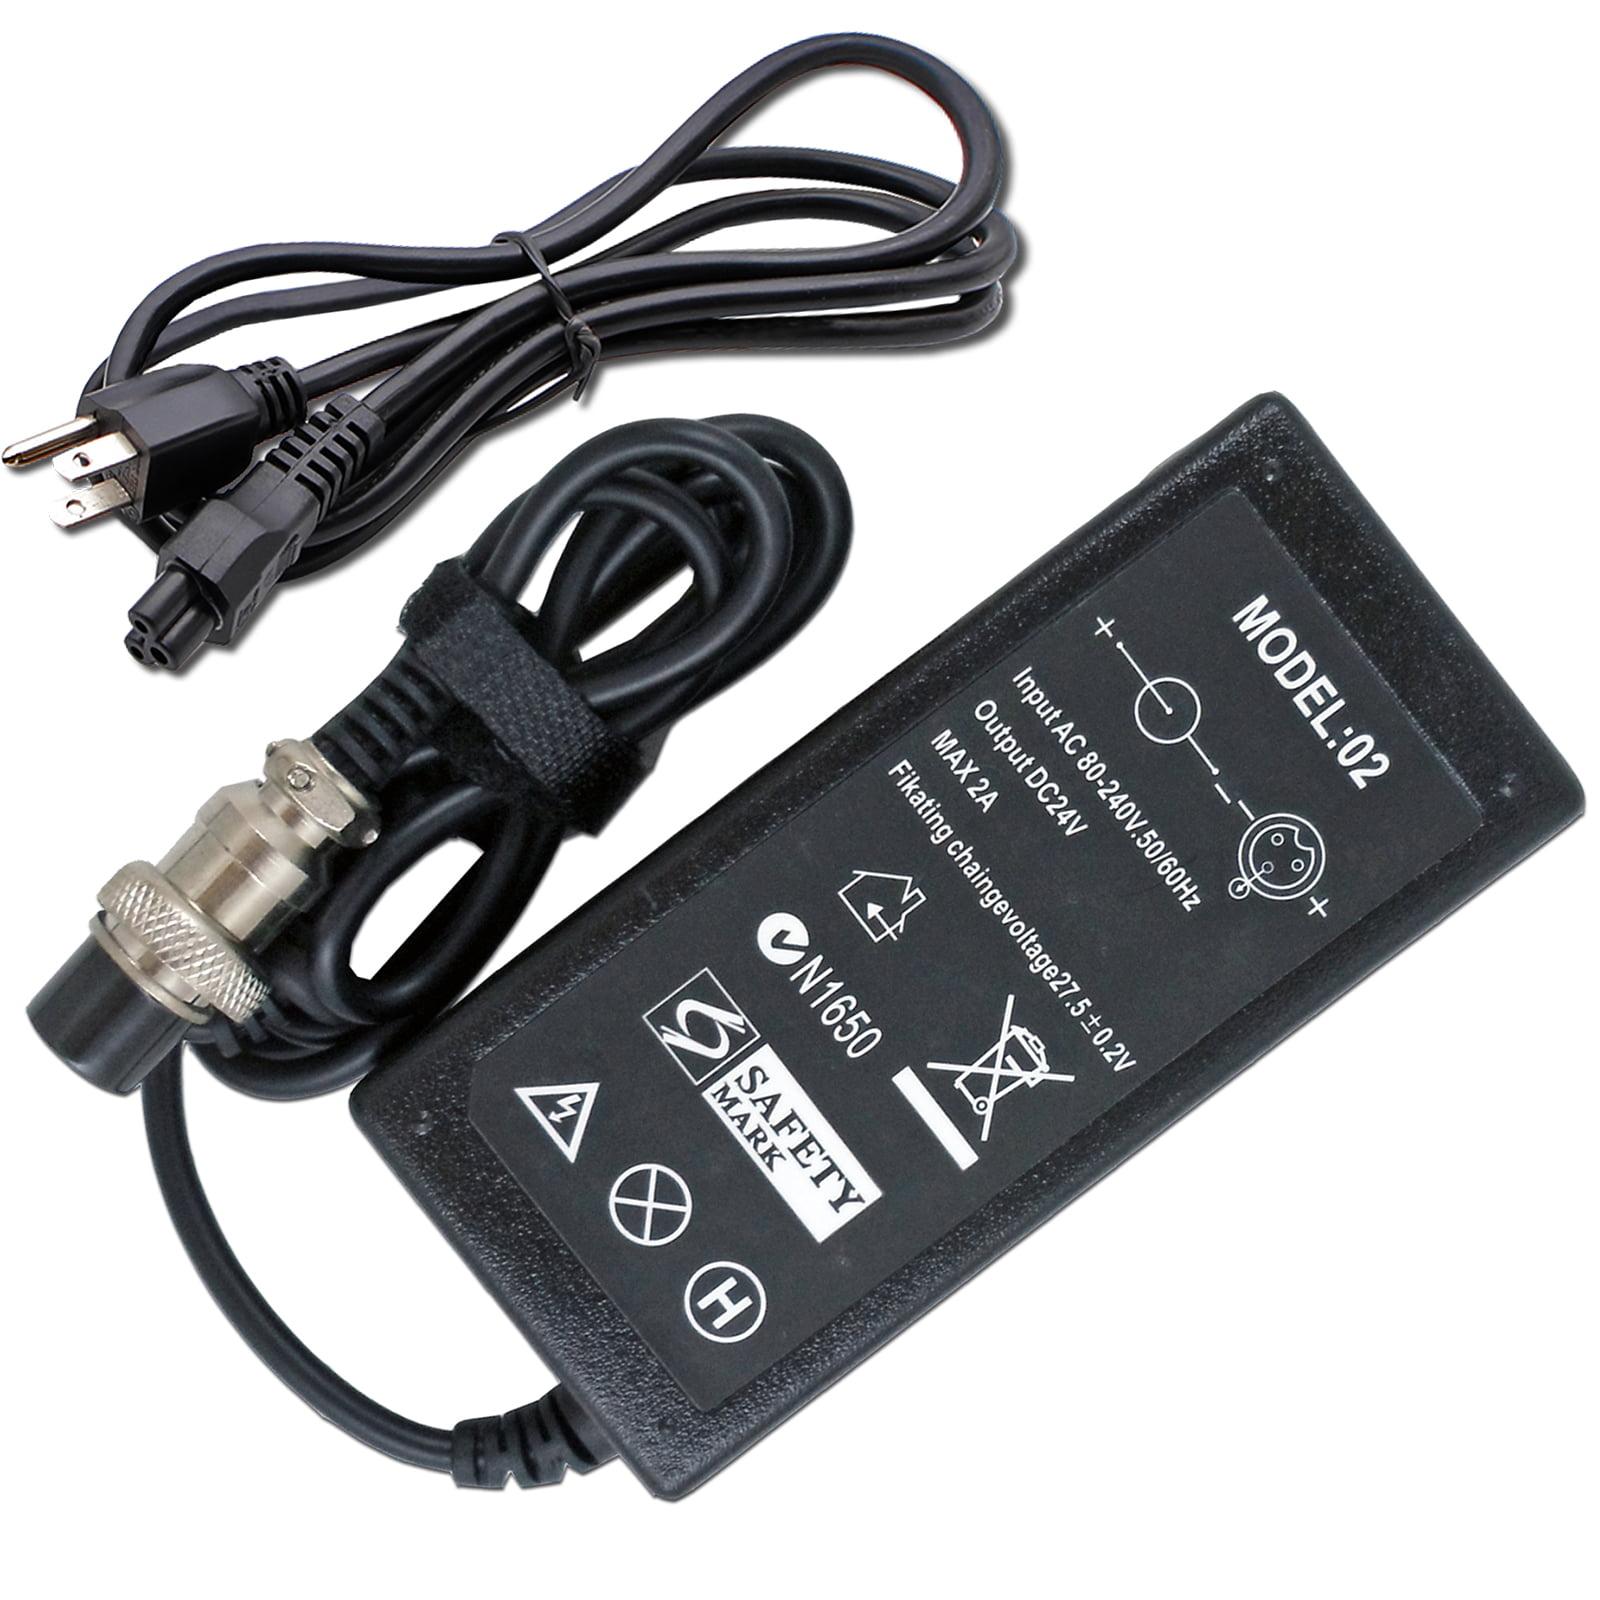 24V 2A Electric Scooter Battery Charger For RAZOR E100 E200 E300 E125 E150 E500 MX350 CC2420 PR200 Pocket Mod